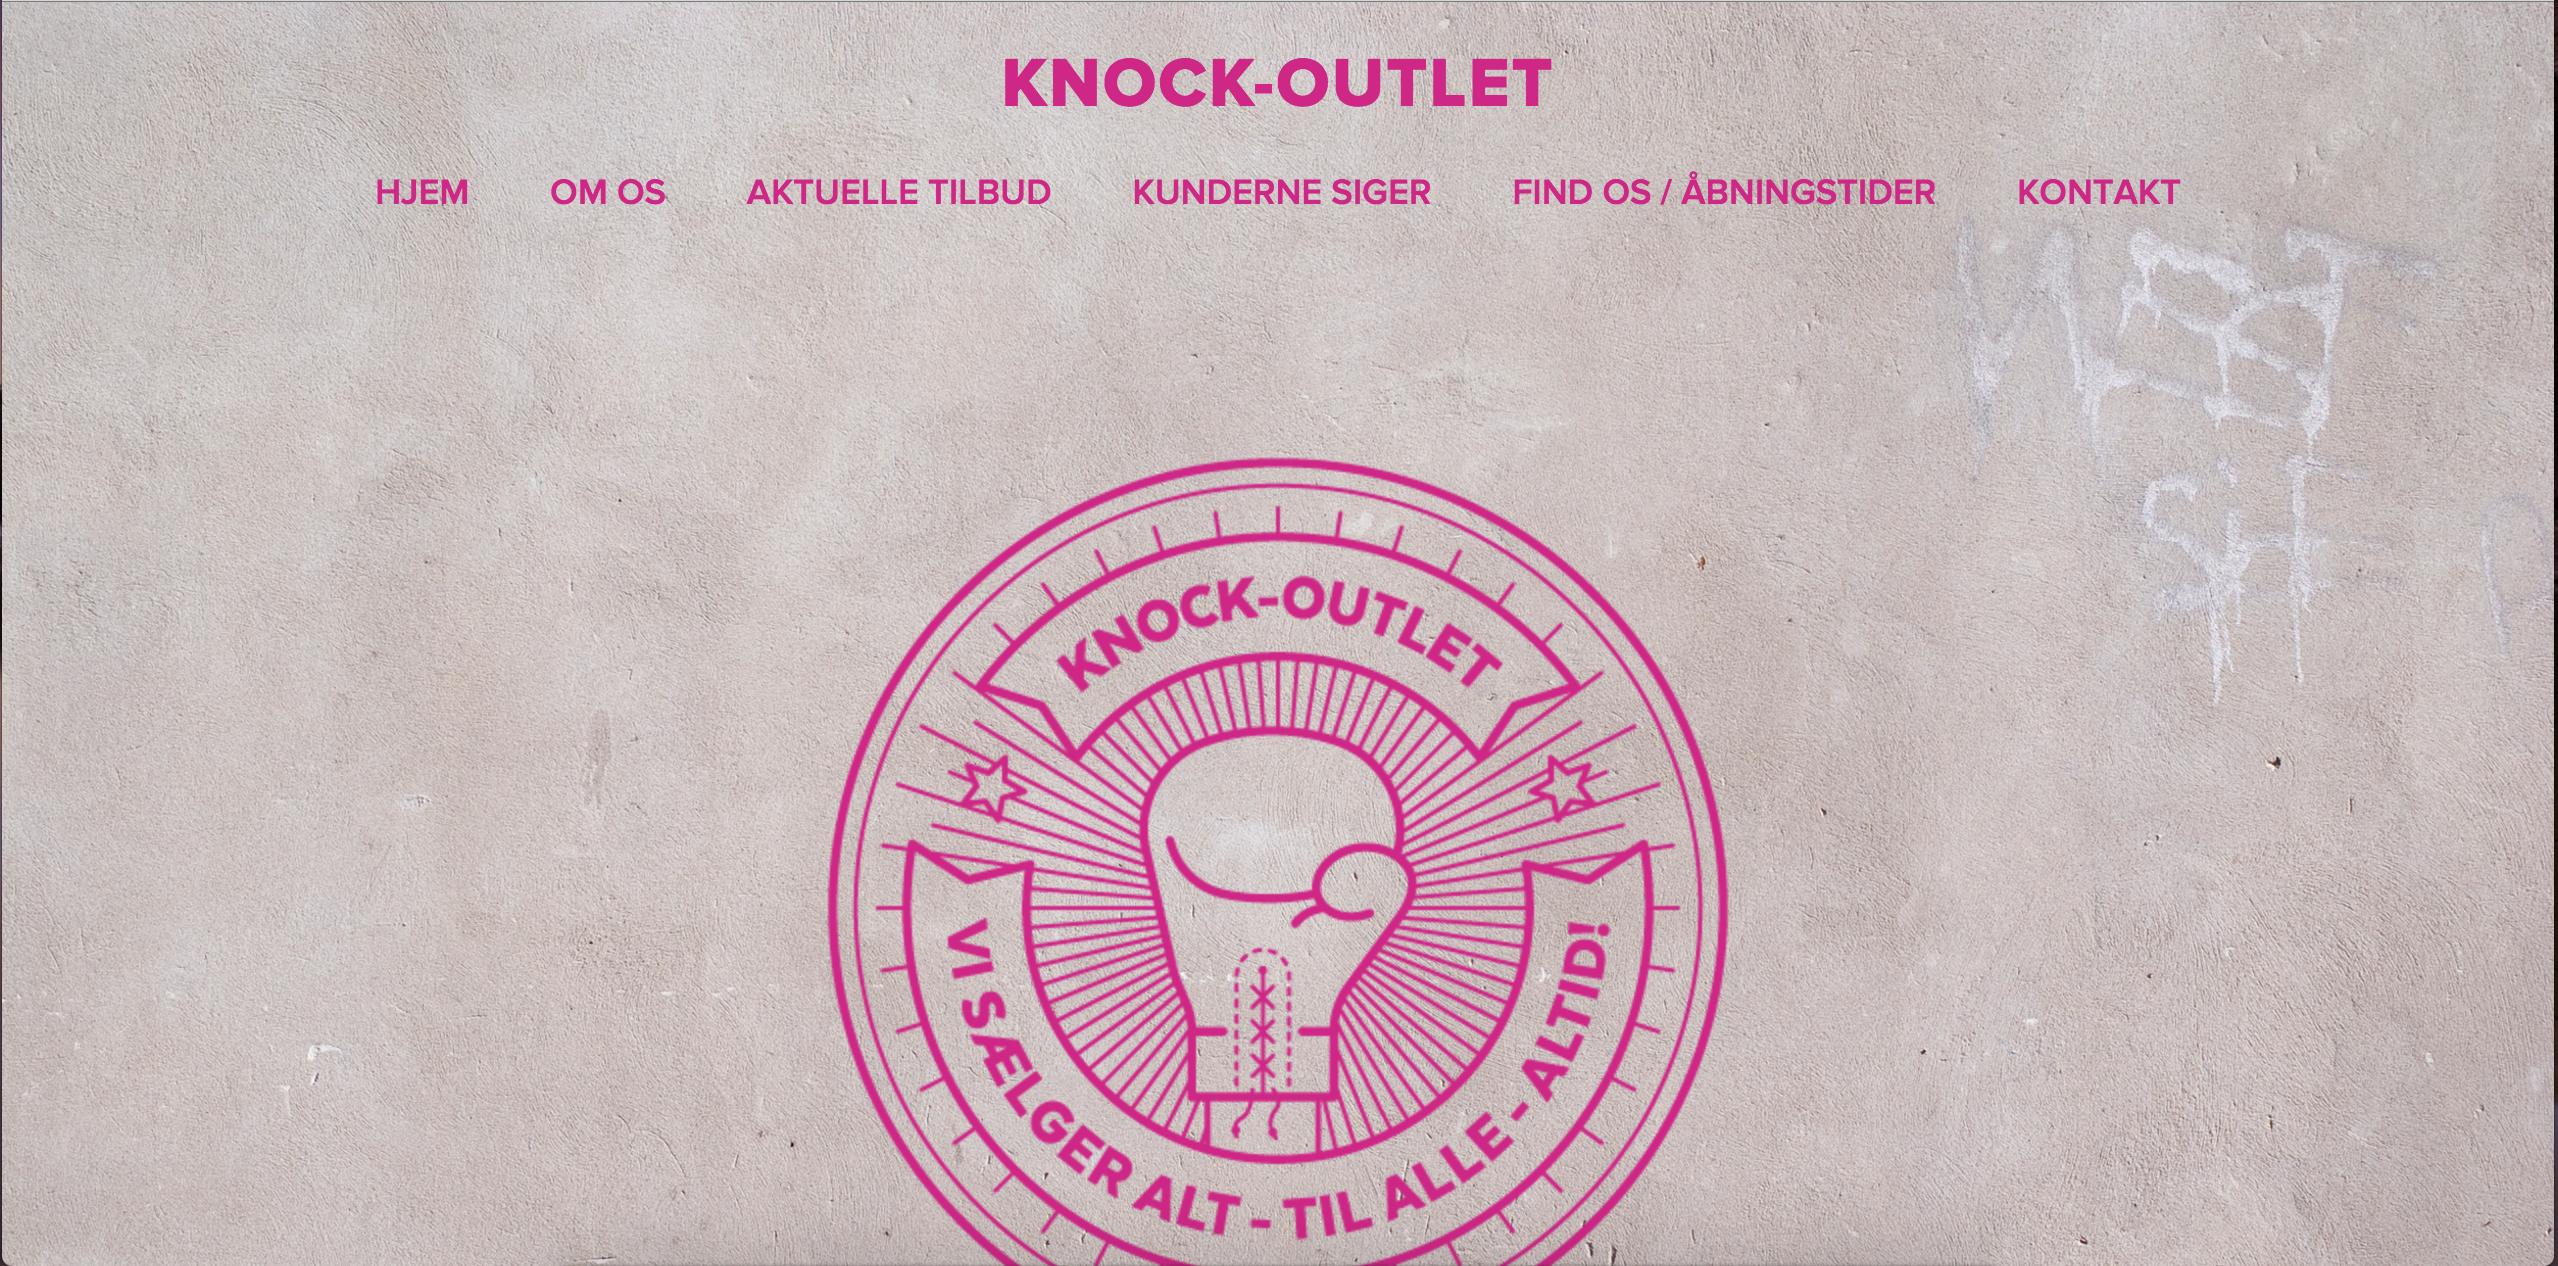 knockoutlet.dk